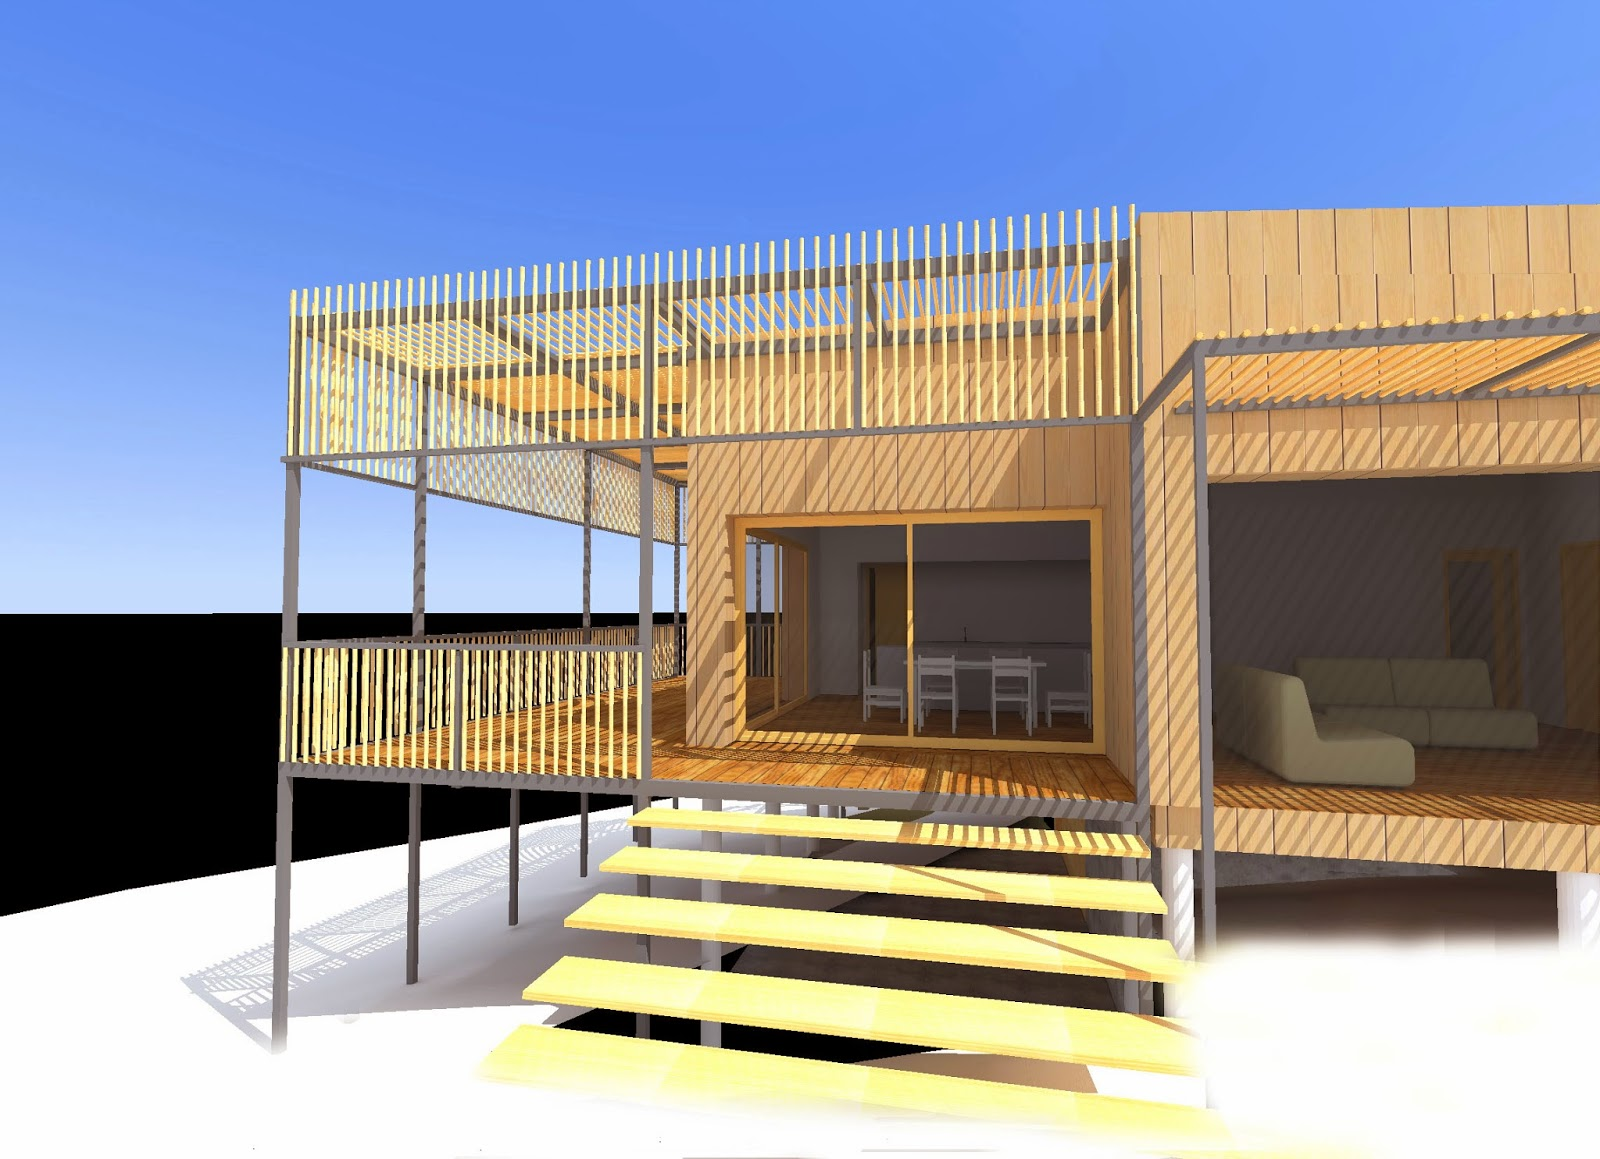 virginie farges architecture cologique dans la canope. Black Bedroom Furniture Sets. Home Design Ideas